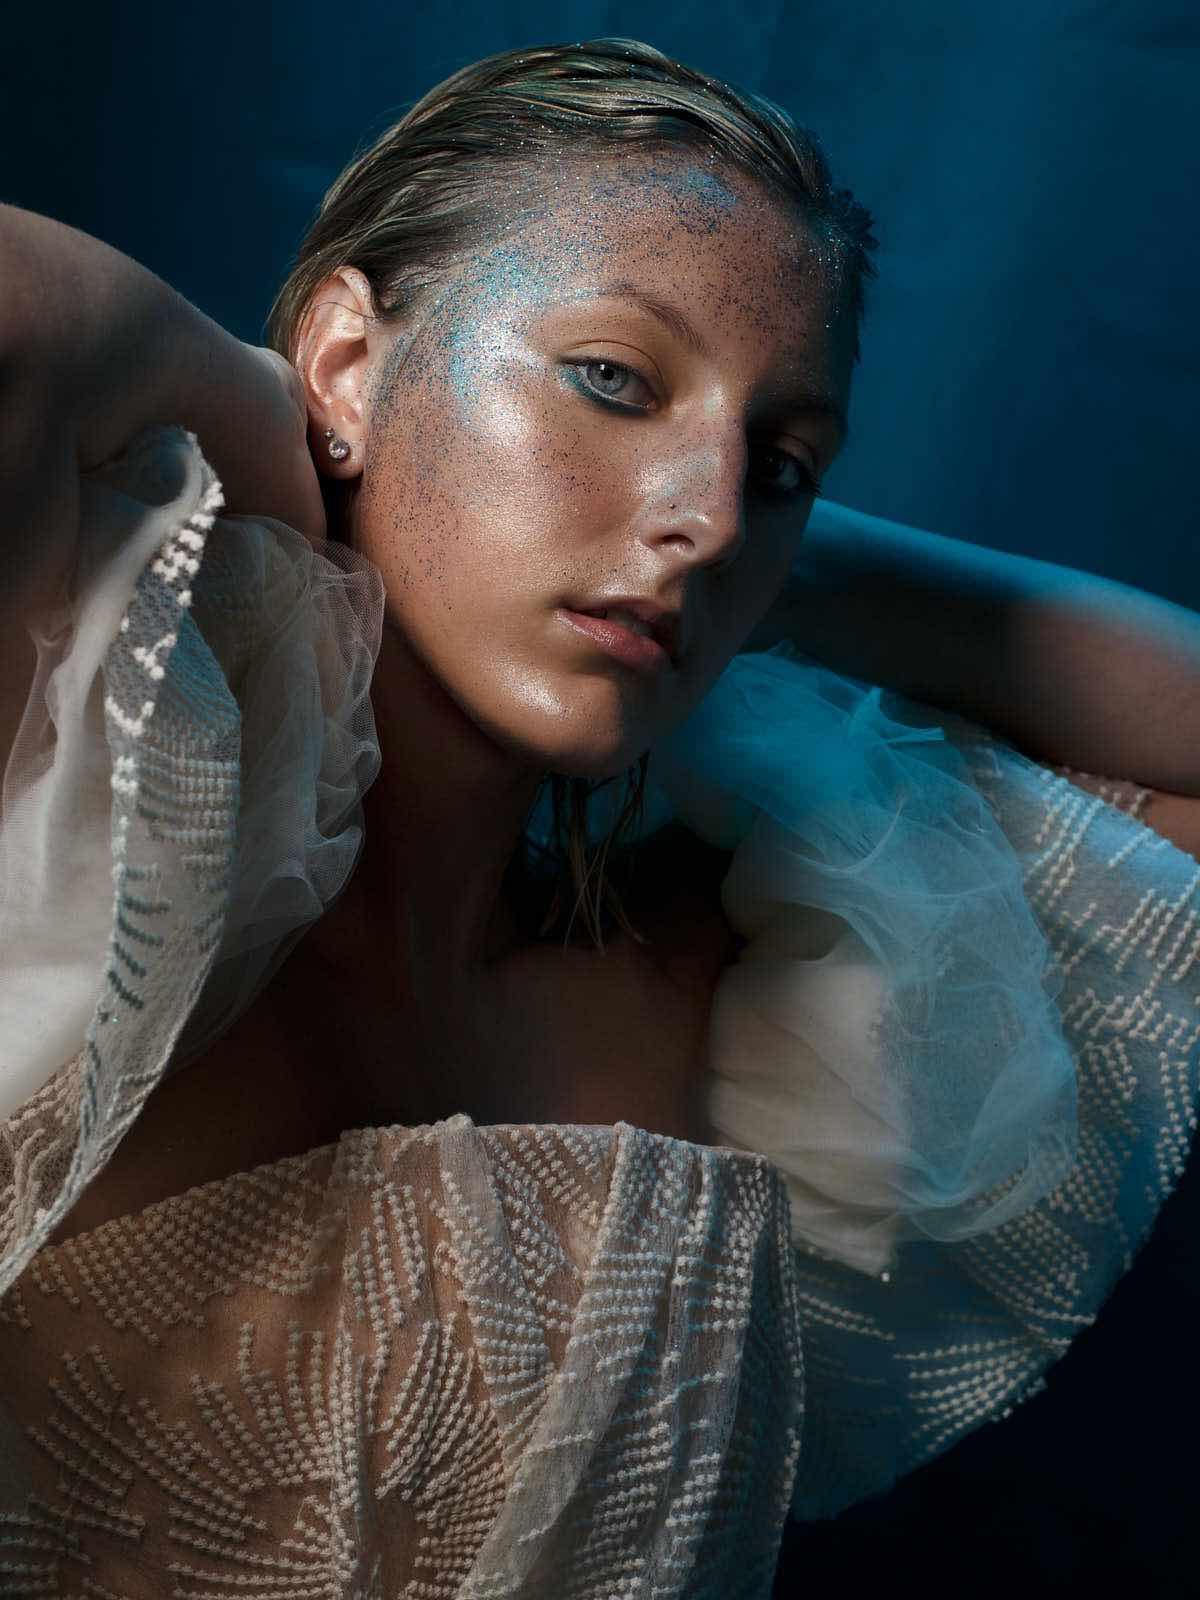 sce-agency-female-model-jordan-g1aaaa